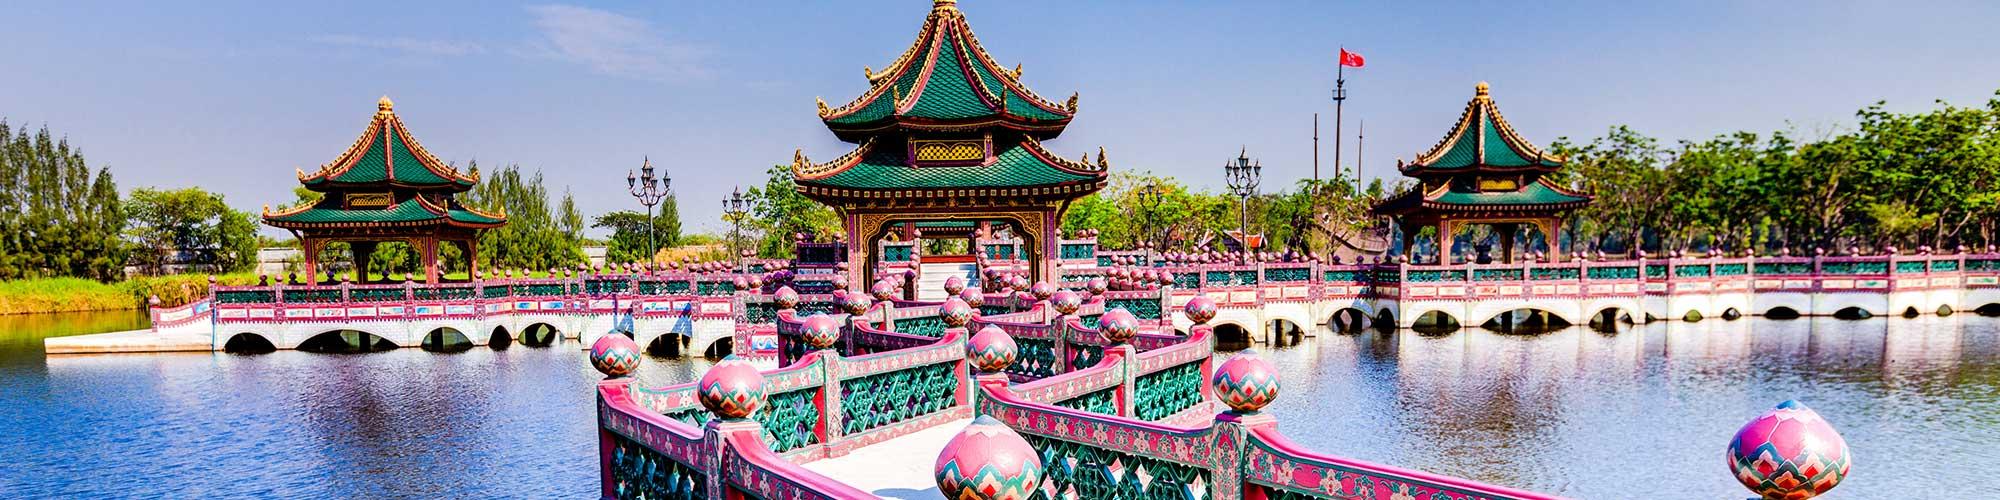 El reino de Siam y el festival de las aguas - EL PAÍS Viajes